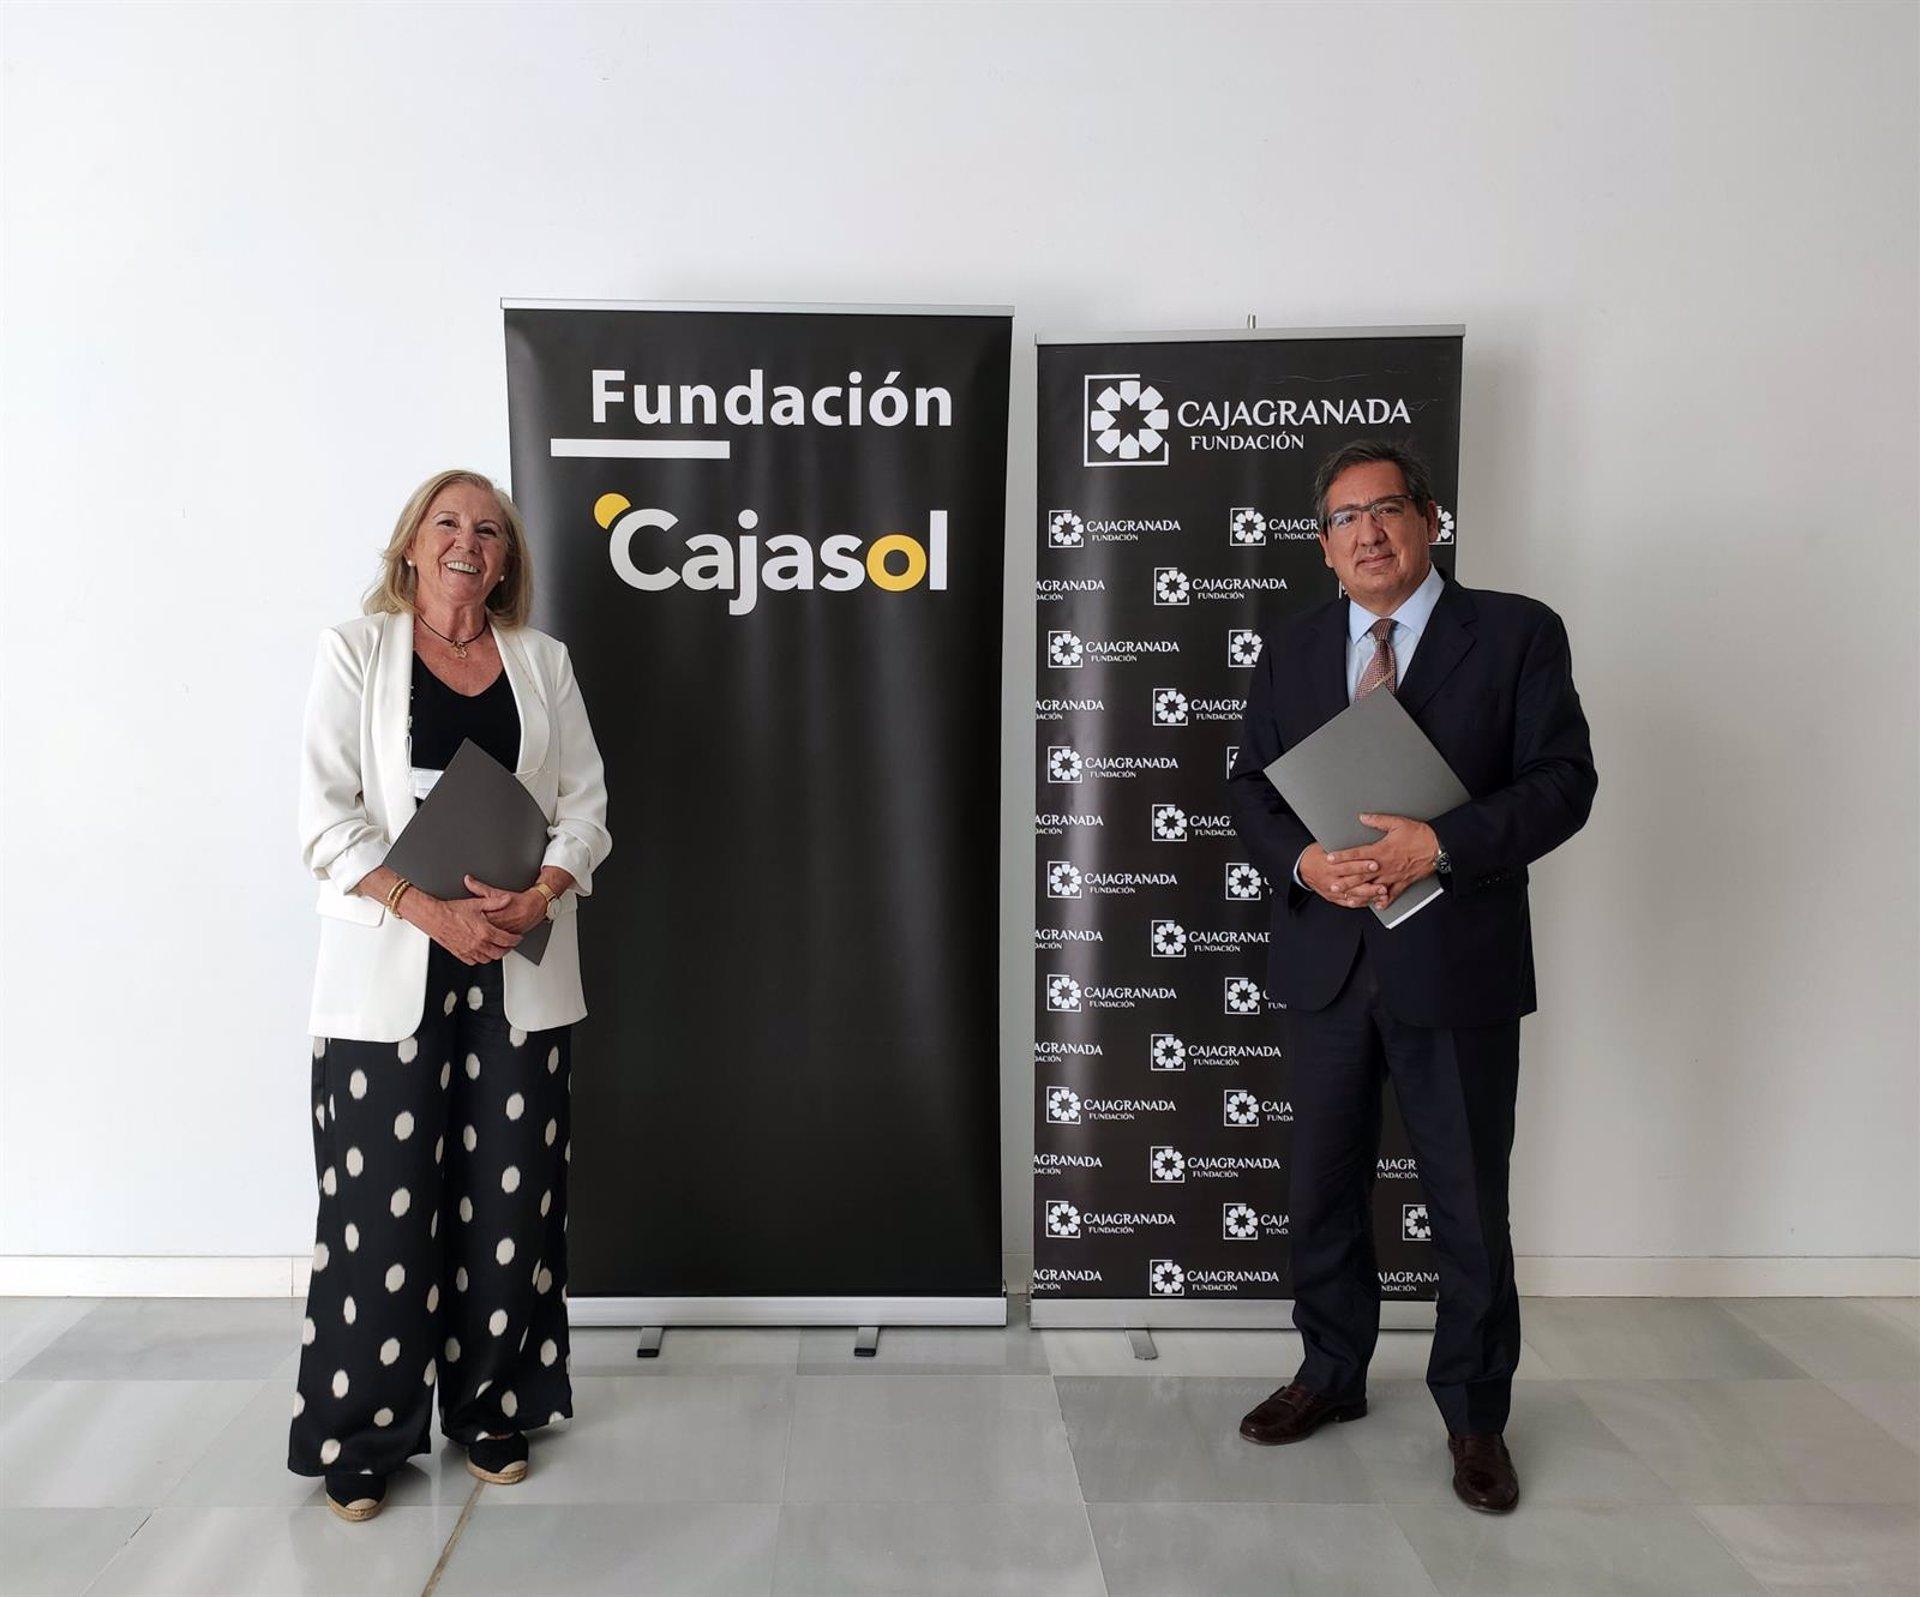 Fundación Cajasol y CajaGranada Fundación renuevan su alianza para impulsar actividades culturales